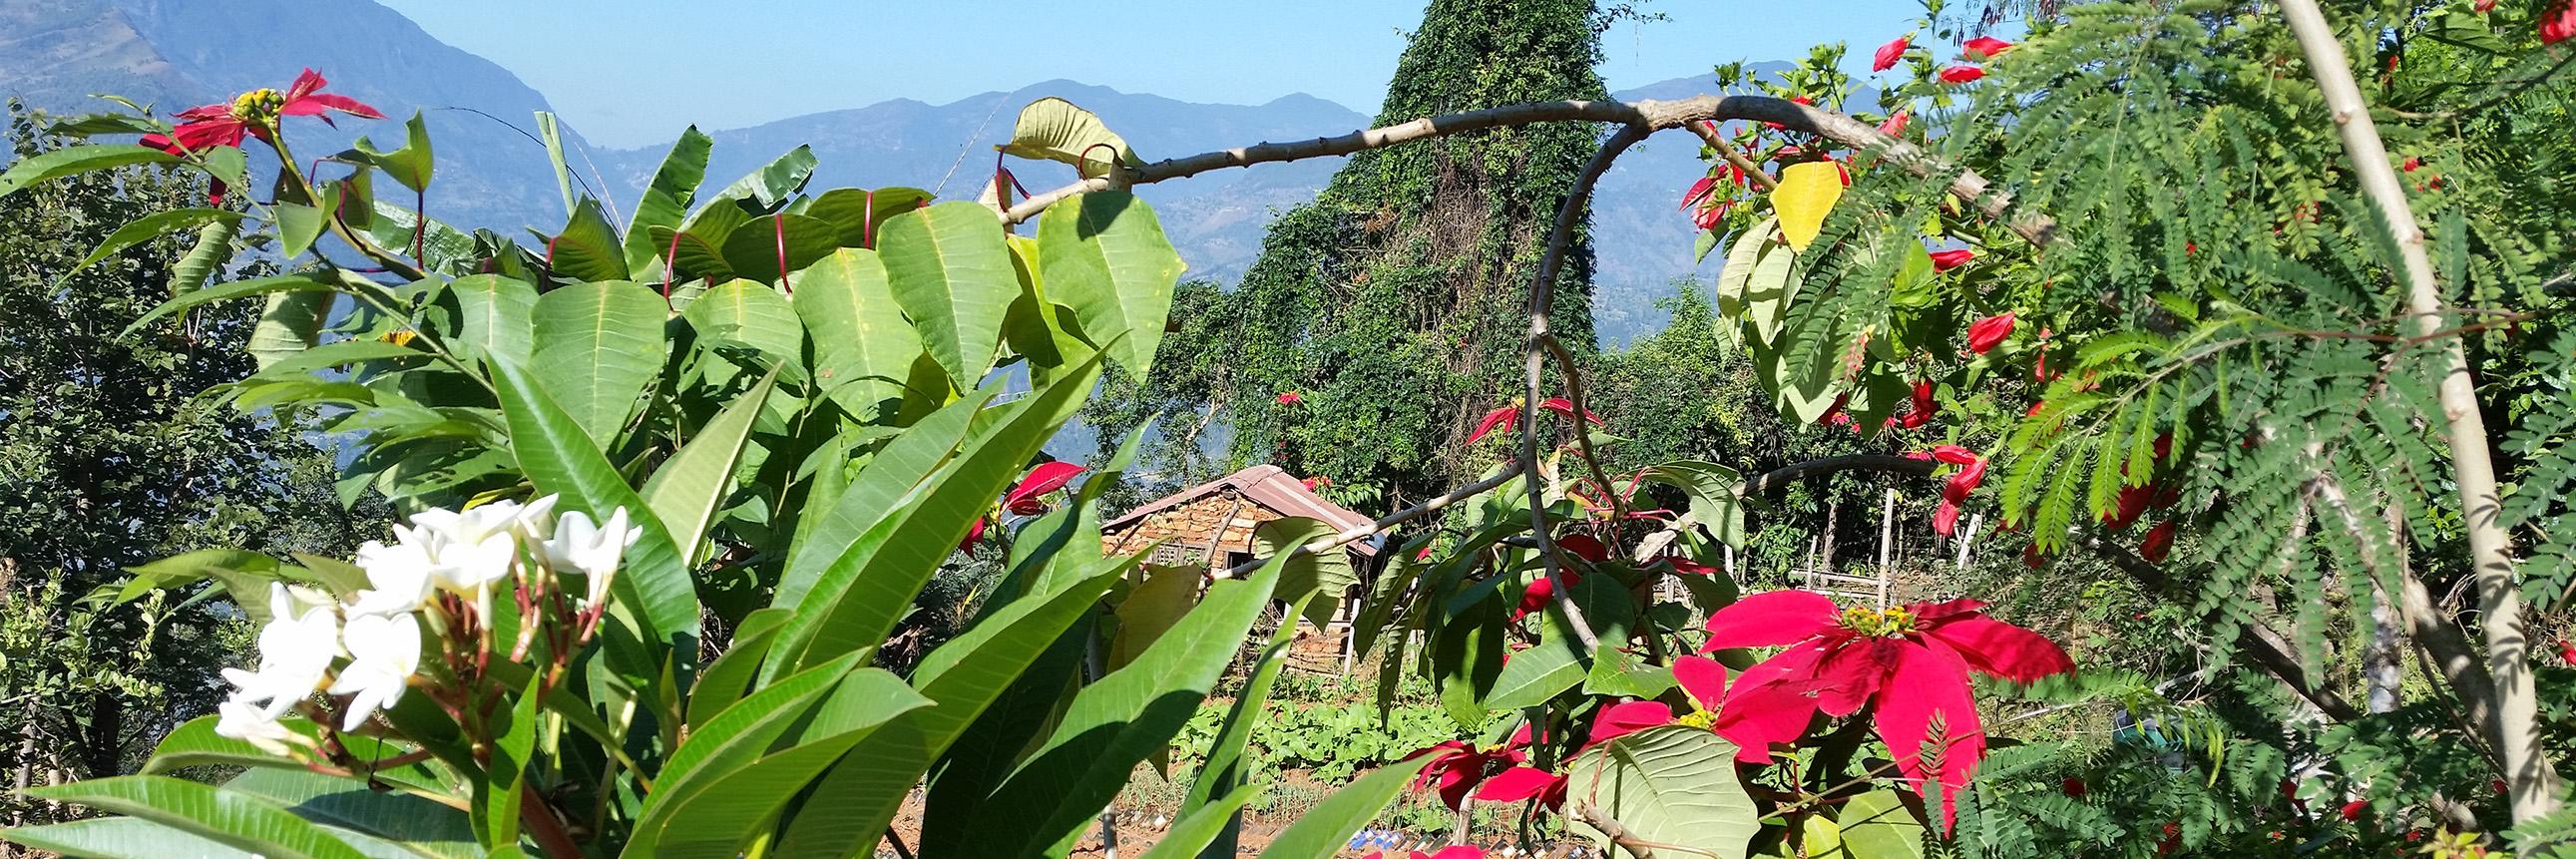 Bild aus dem Garten der Famous Farm in Nuwakot